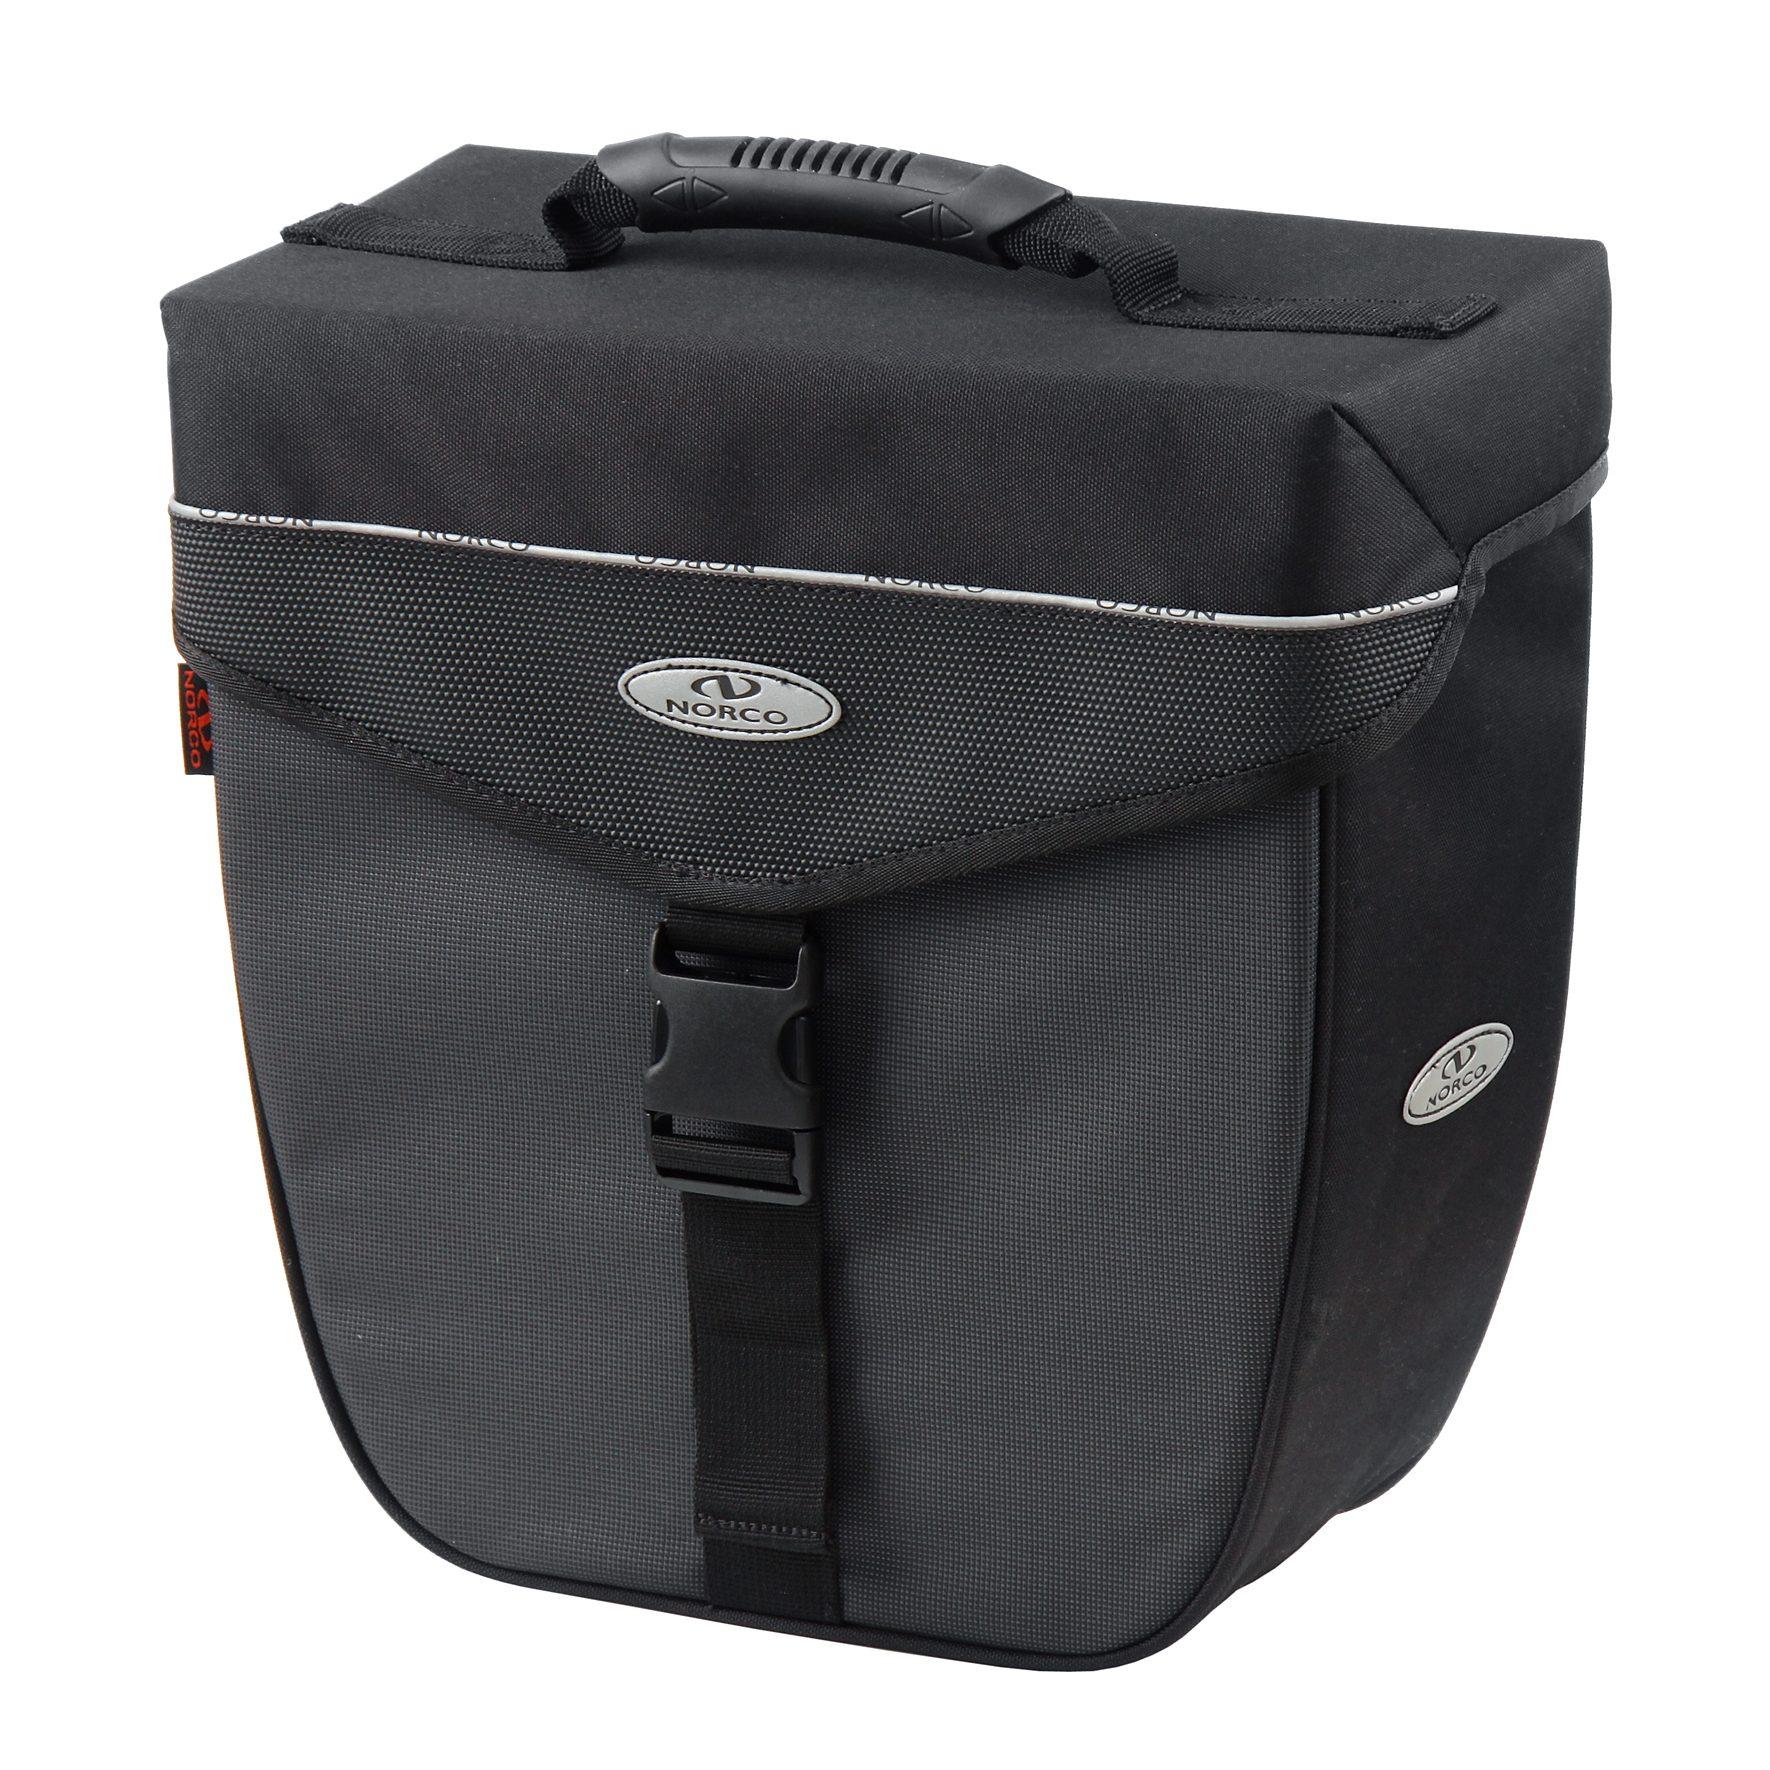 Norco Gepäckträgertasche »Orlando City-Case schwarz/grau«